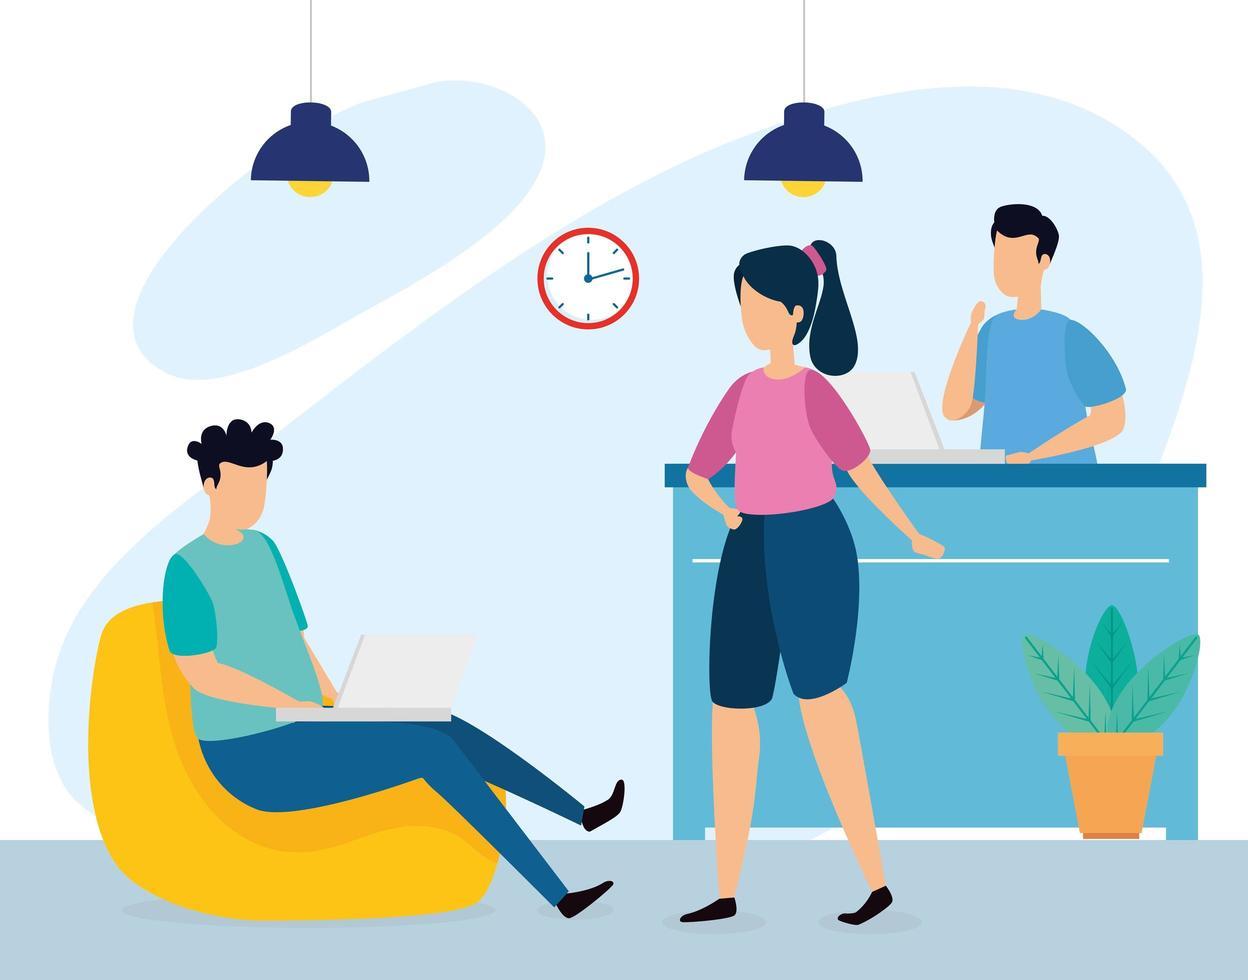 scen för att arbeta med ungdomar på kontoret vektor